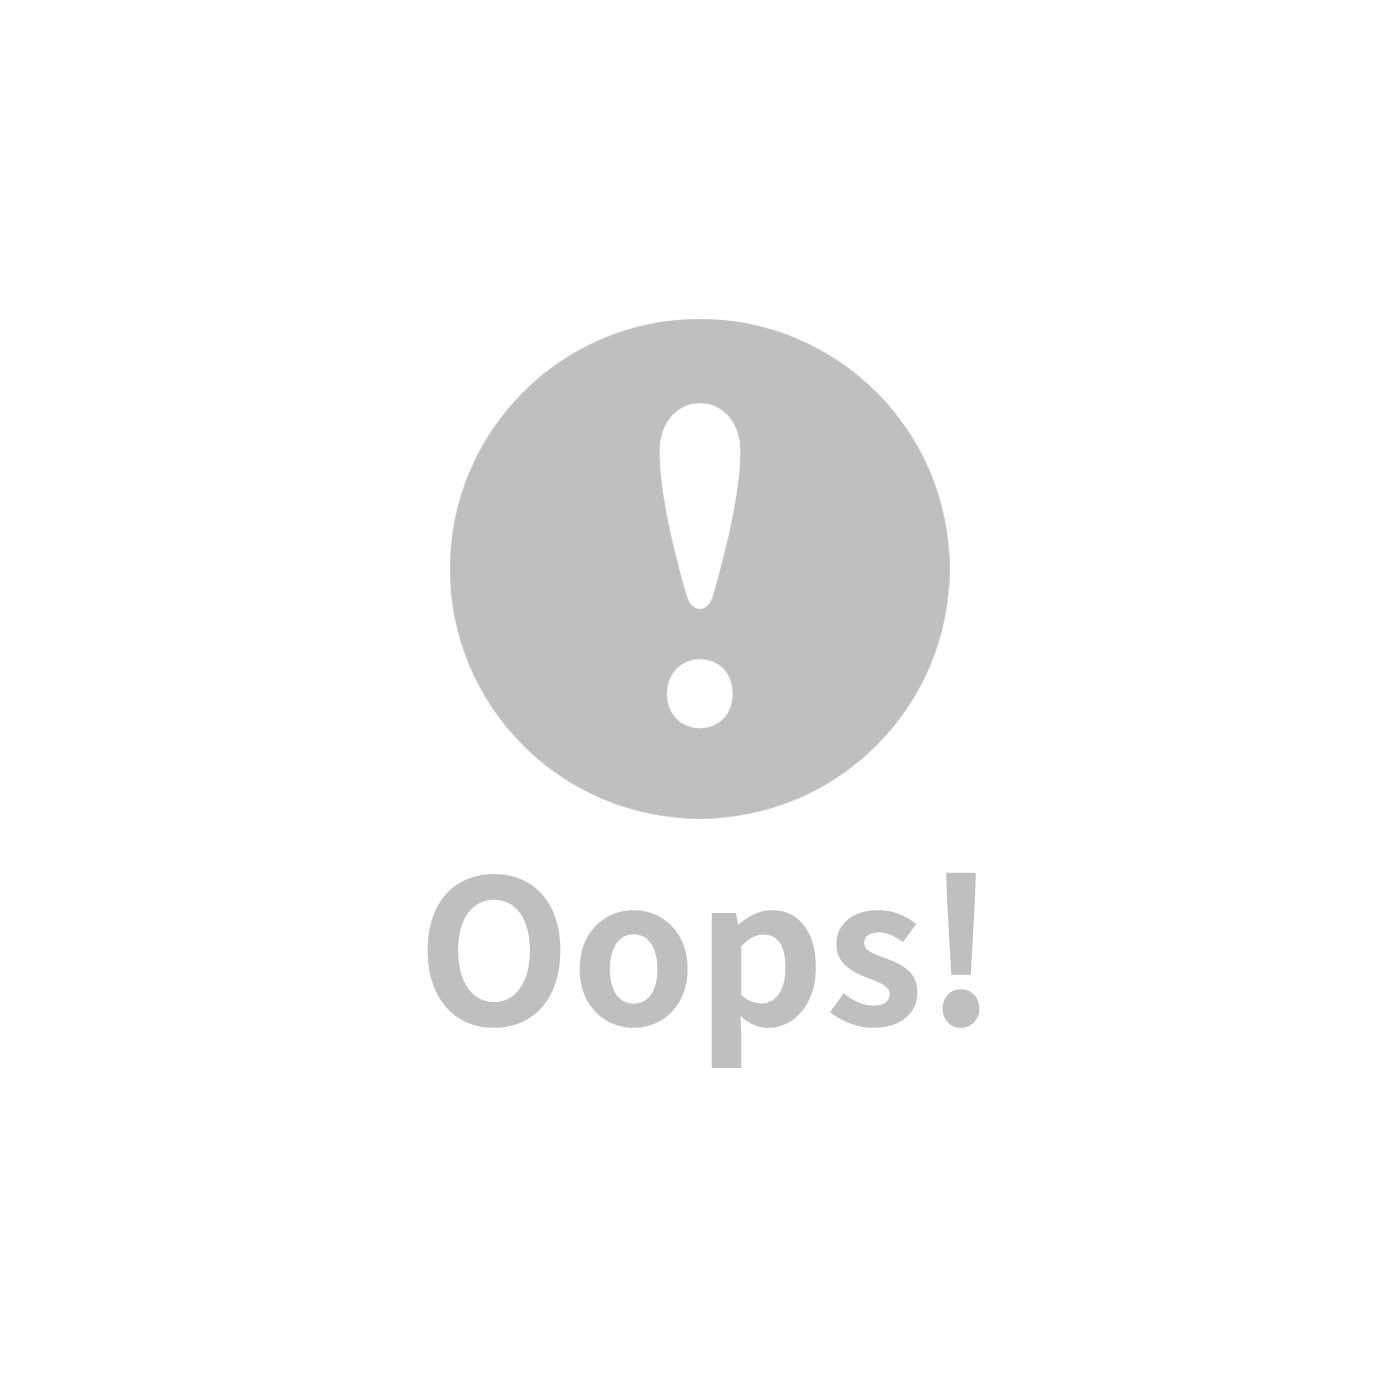 【原售價$3200】La Millou 單面巧柔豆豆毯(加大款)-限量款小鹿斑比(銀河星空灰)